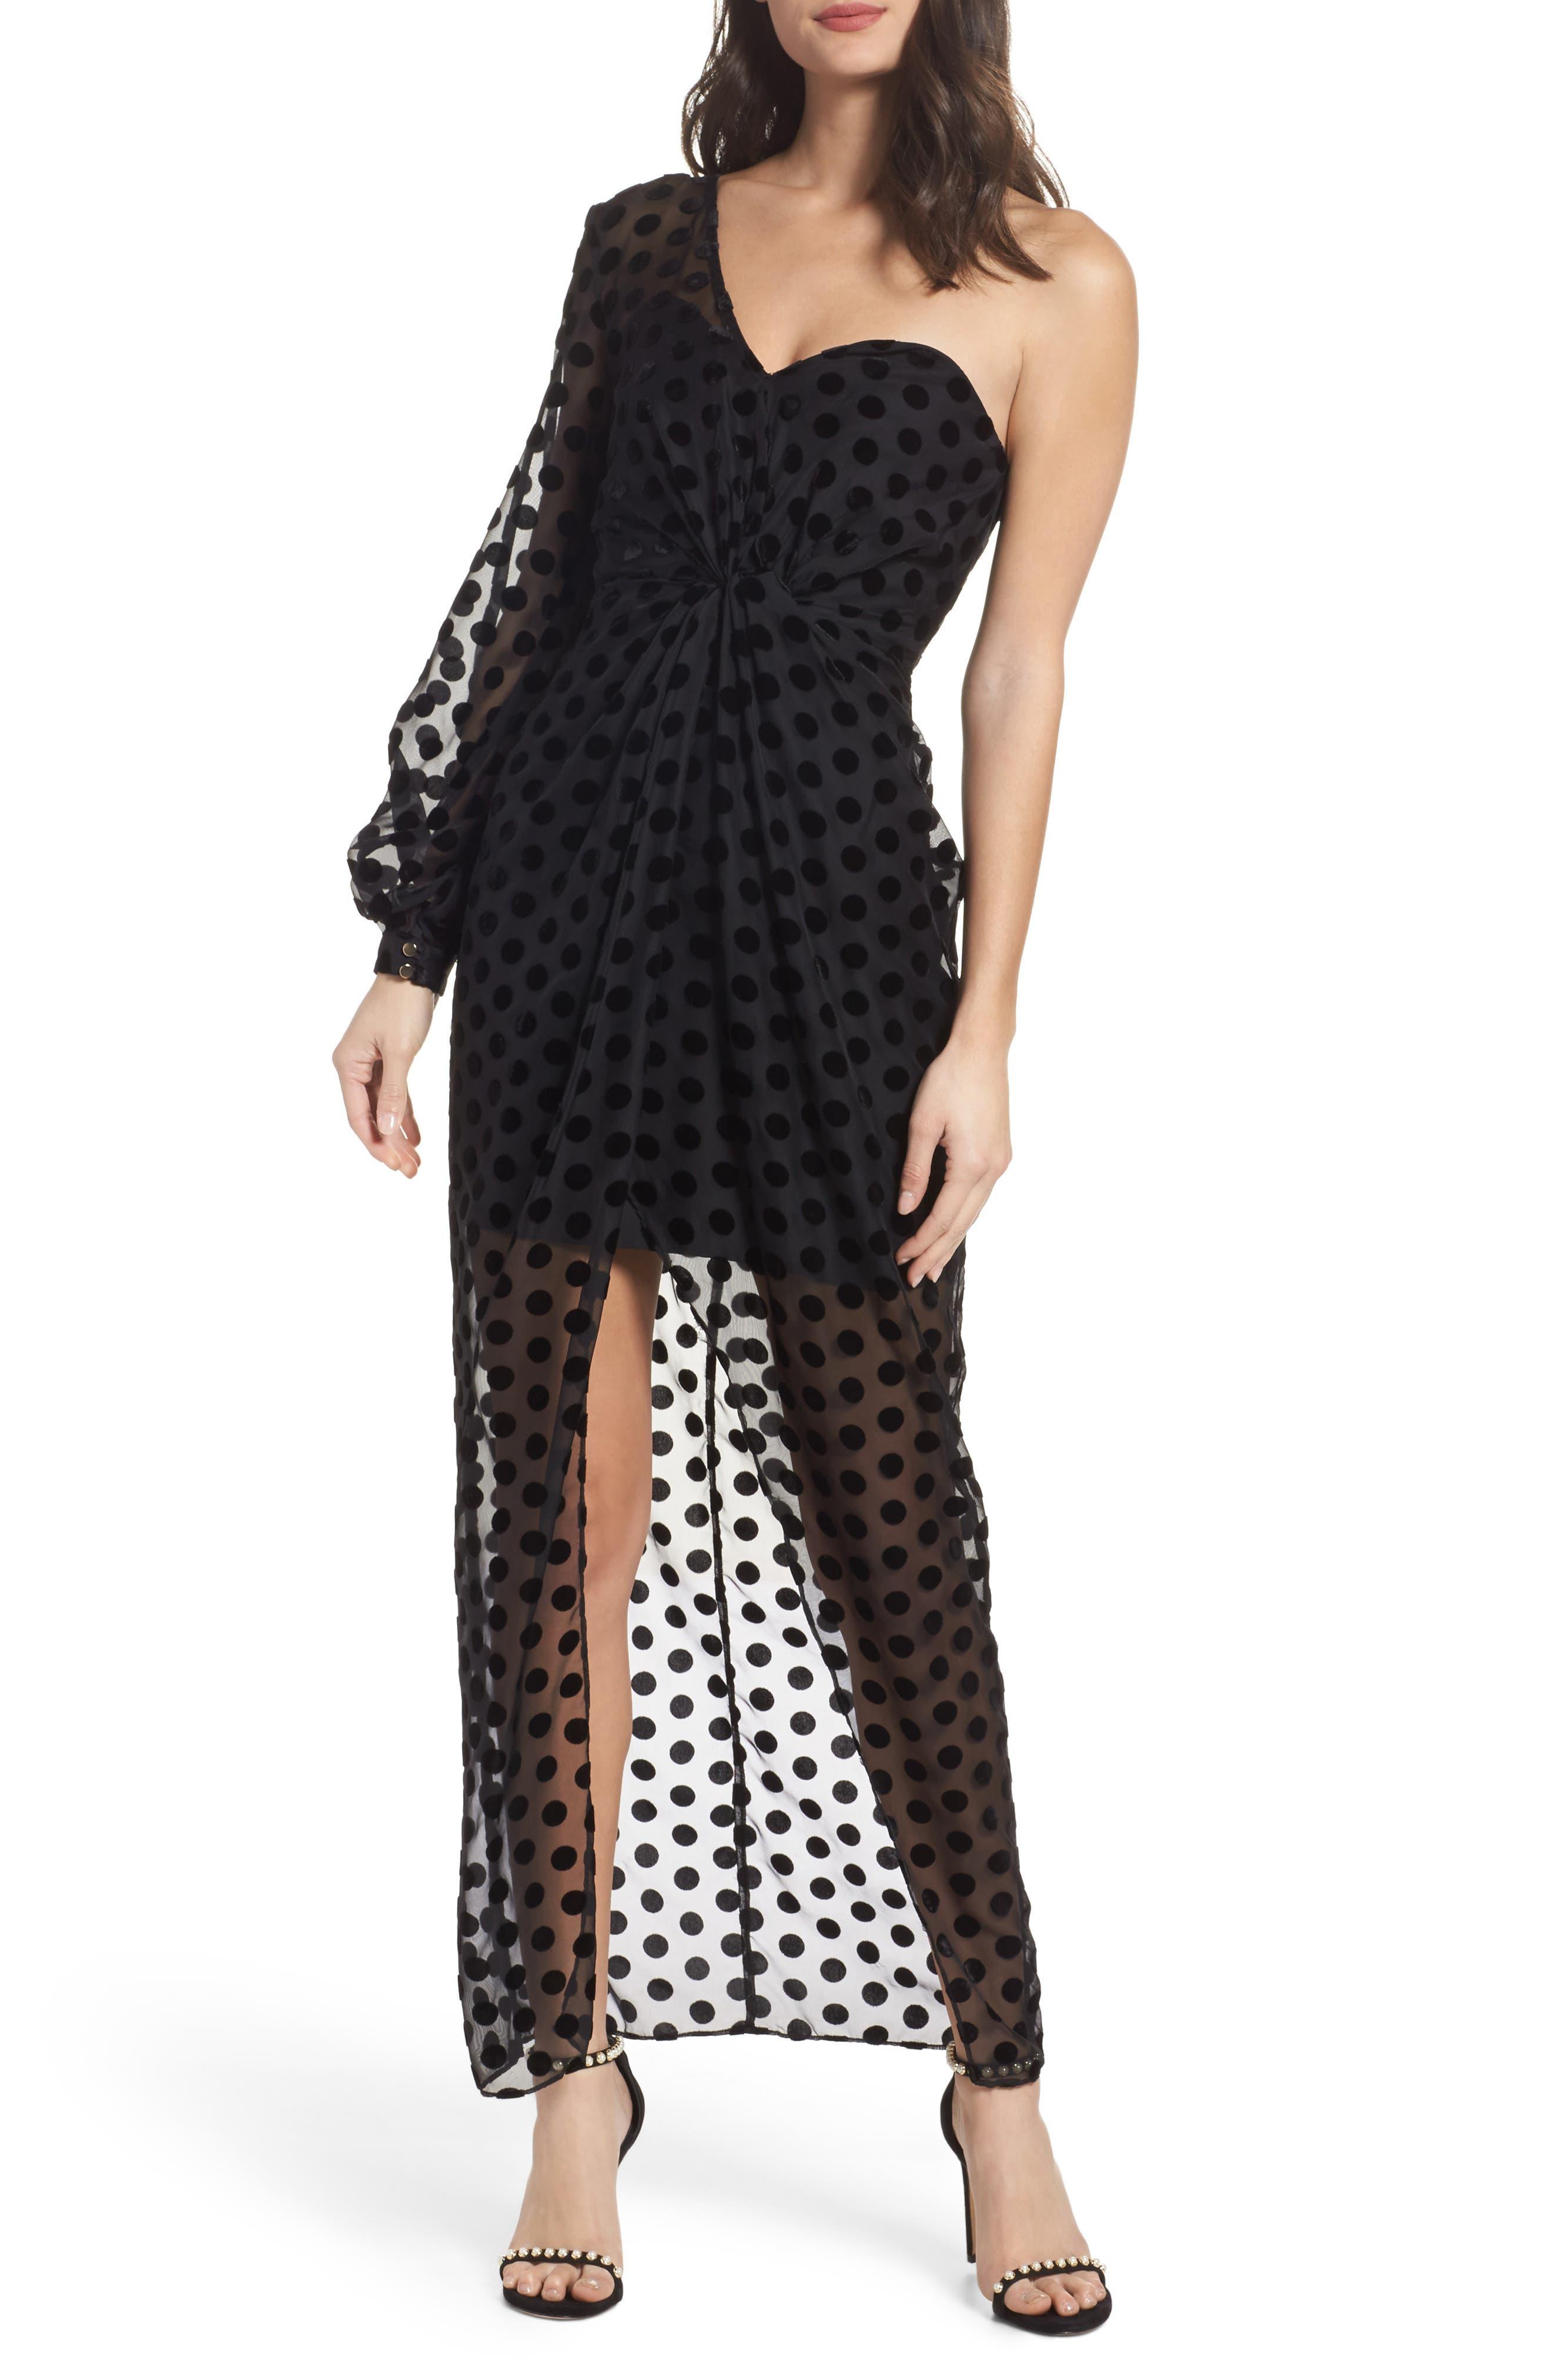 Main Image - Keepsake the Label Exhale One Shoulder Polka Dot Dress